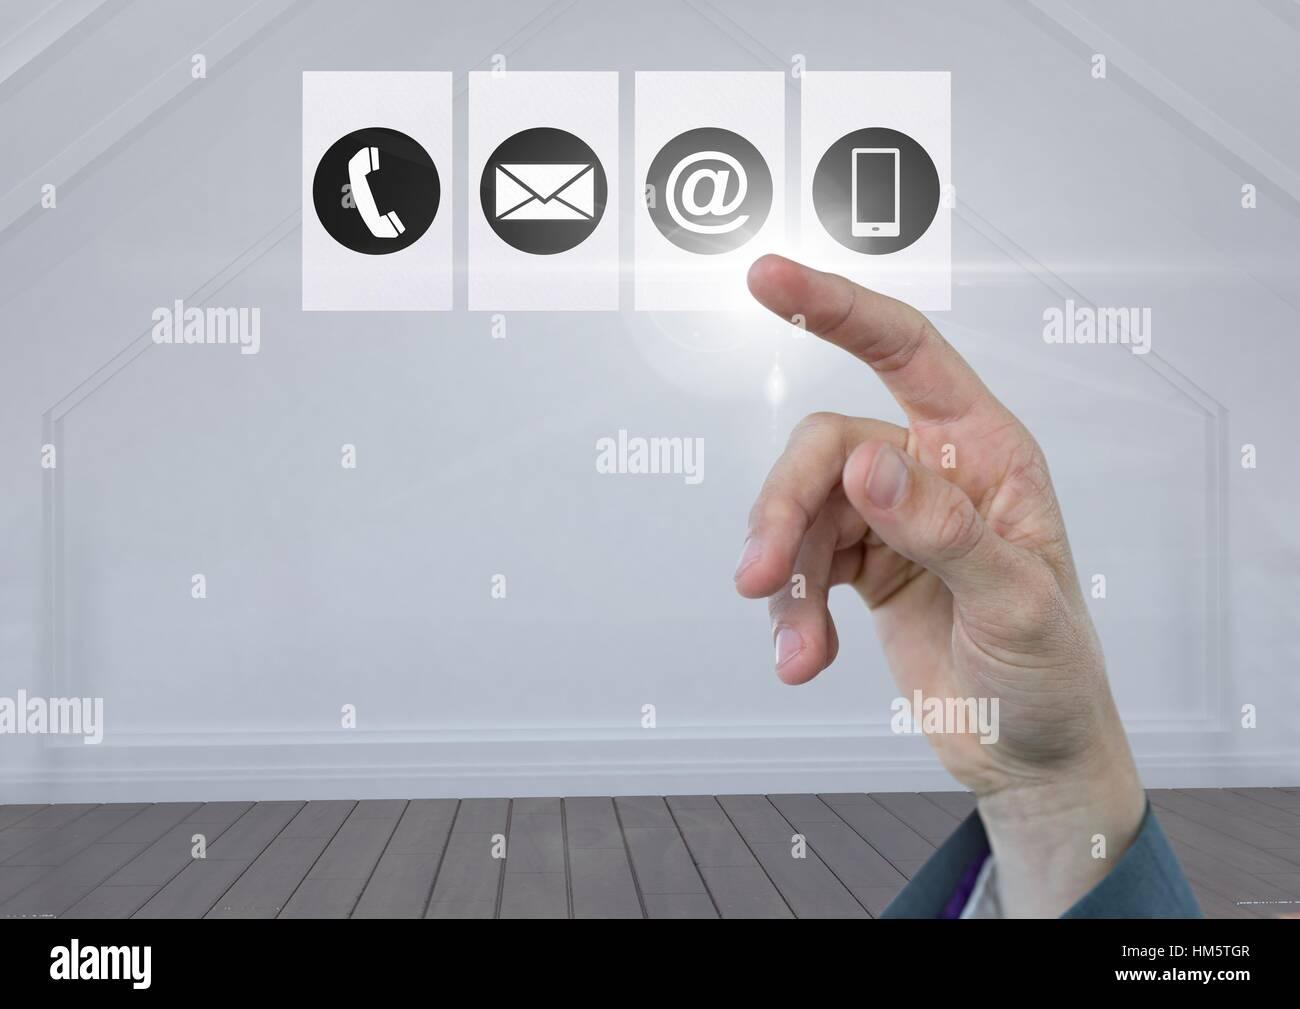 Agente de tocar los iconos de conexión generada digitalmente Imagen De Stock